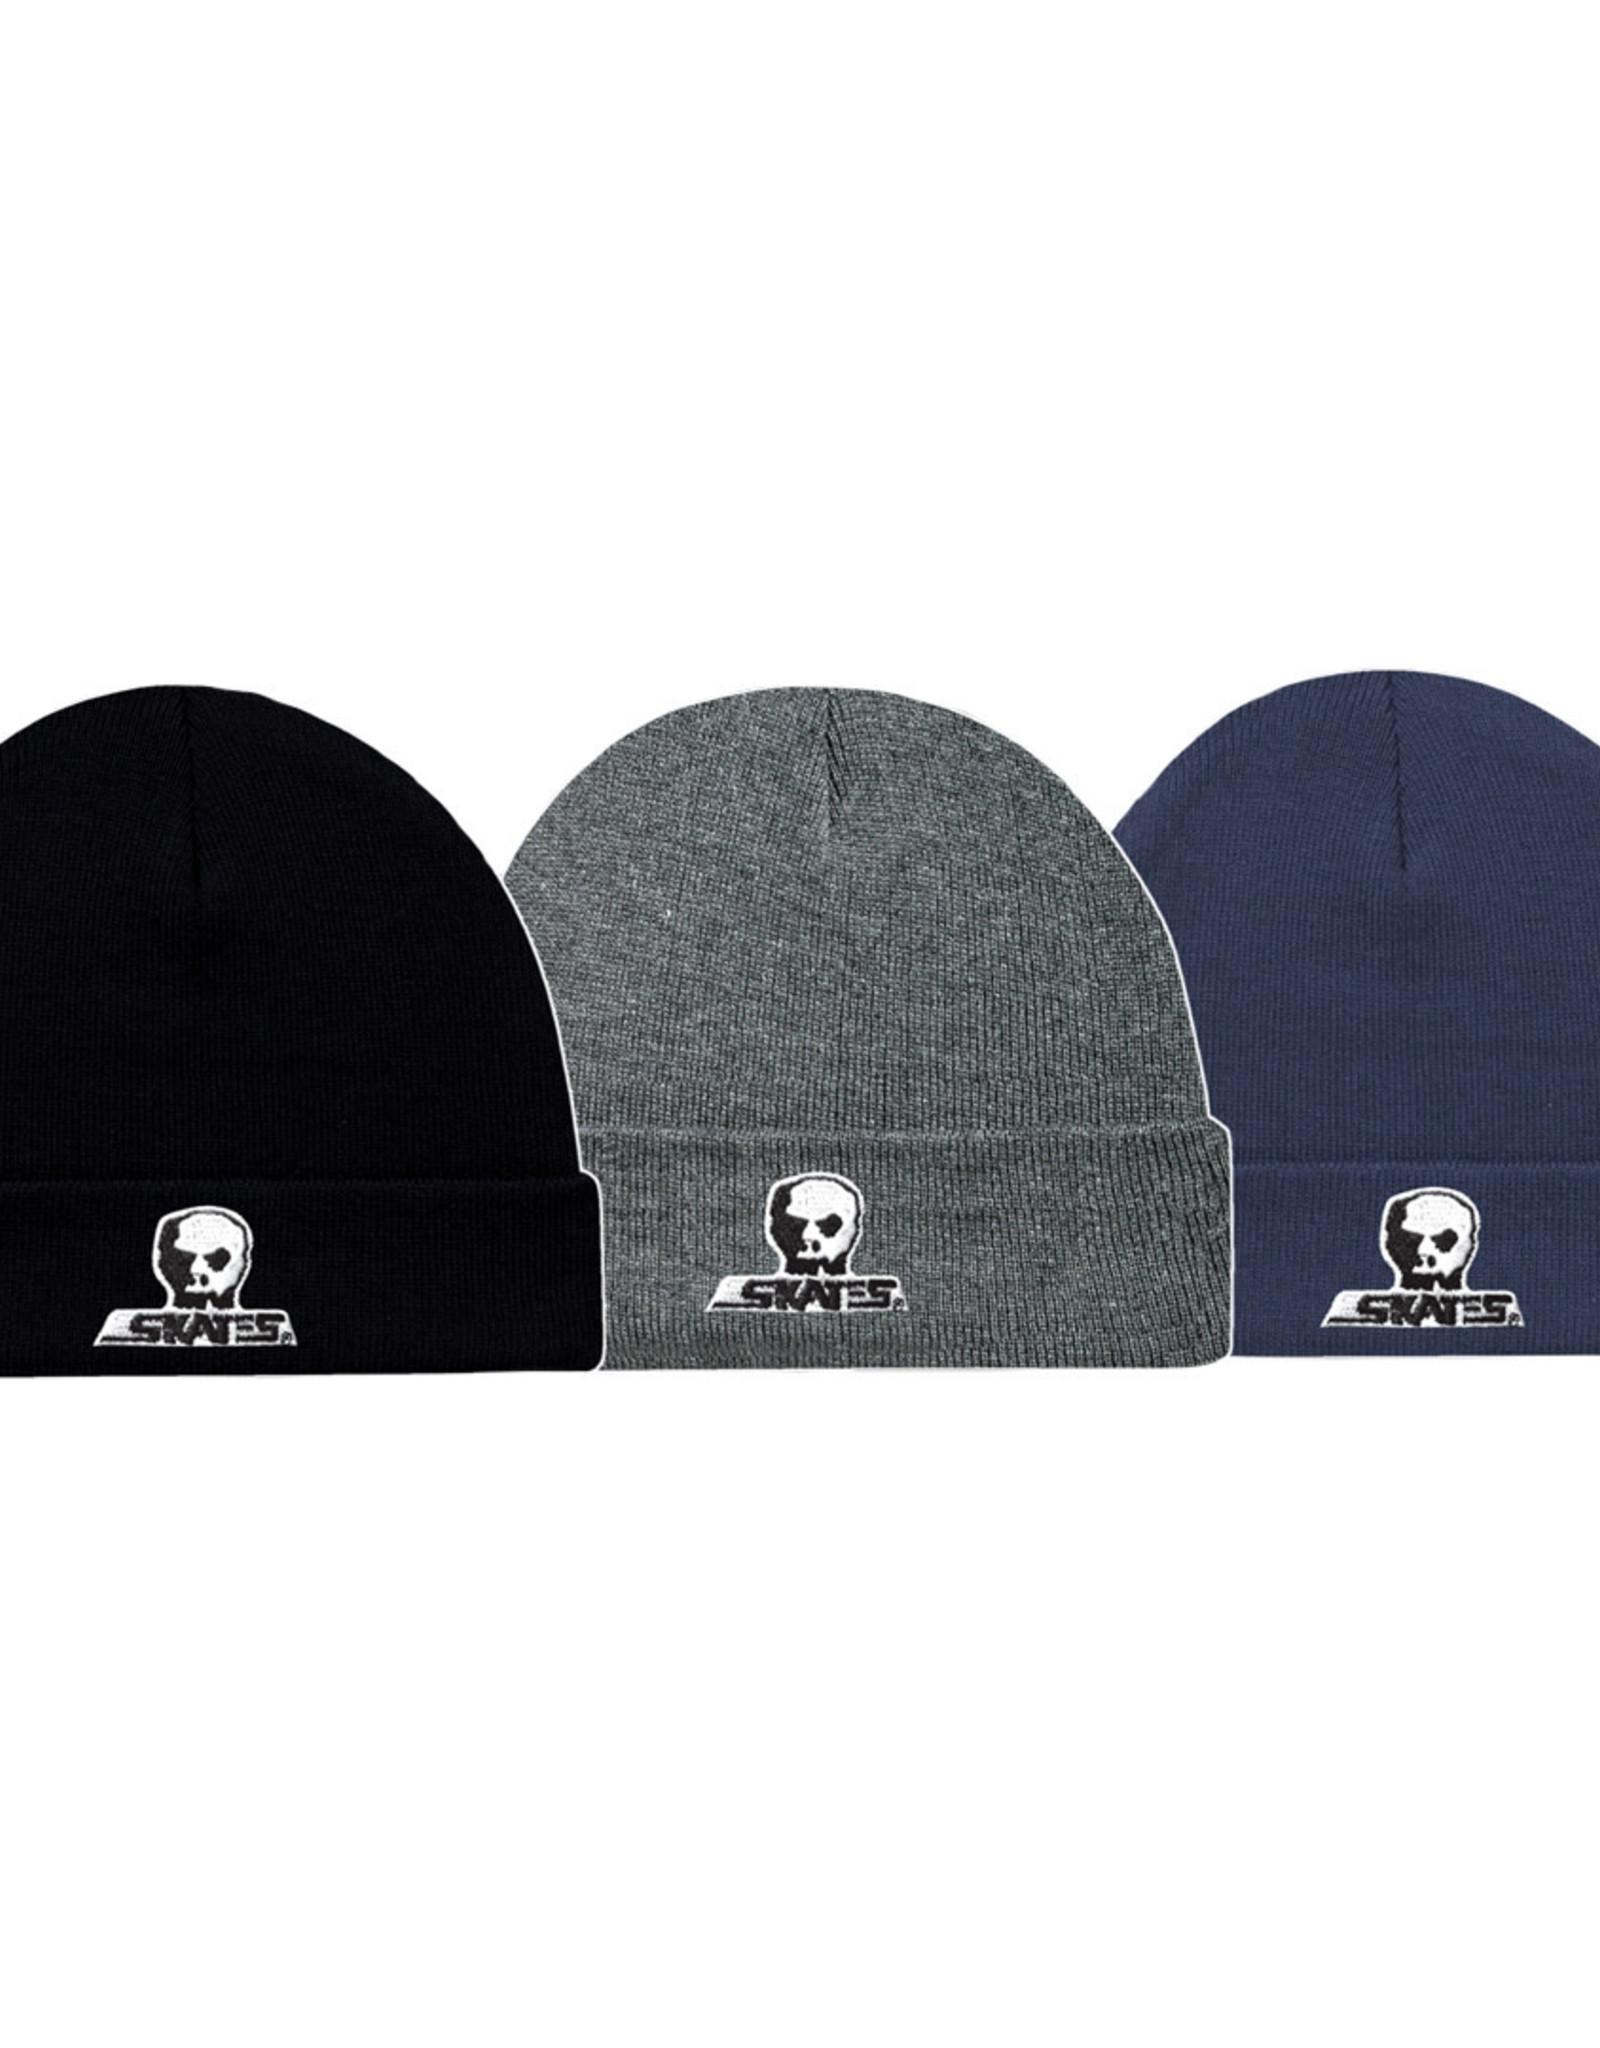 Skull Skates SKULL TOQUE SMALL LOGO W CUFF CHAR